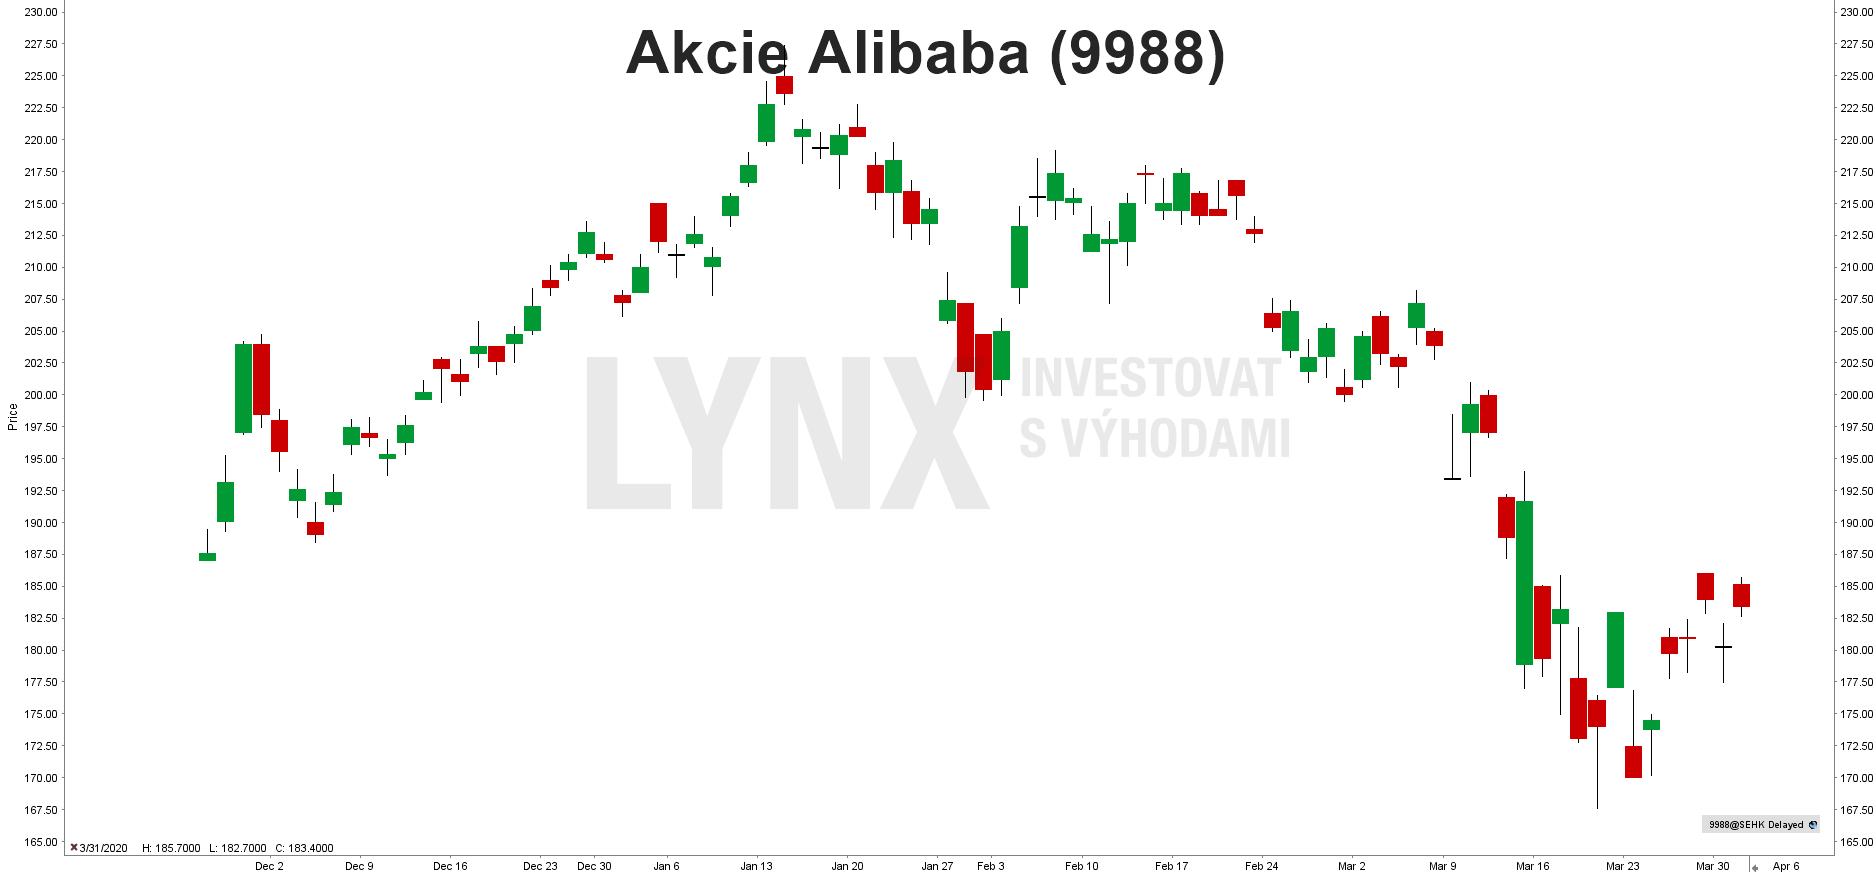 Akcie Alibaba (9988)